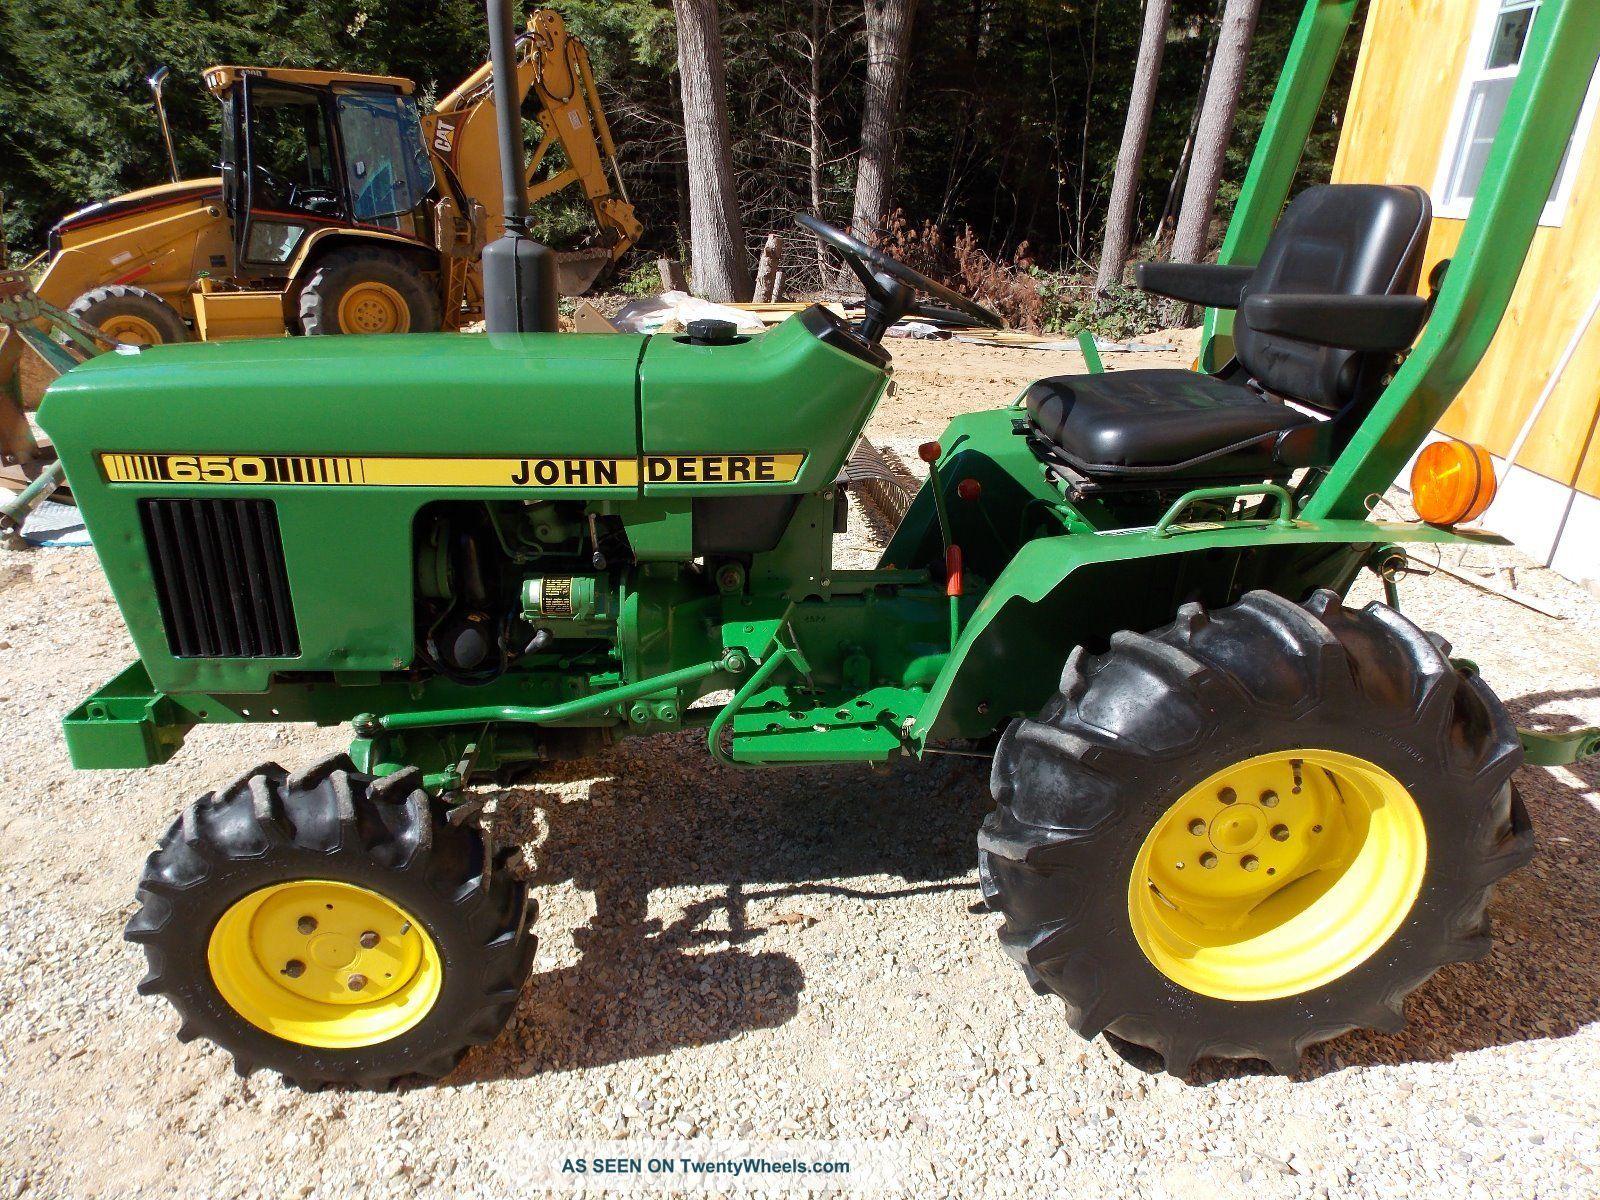 John Deere 650 >> John Deere 650 Tractor